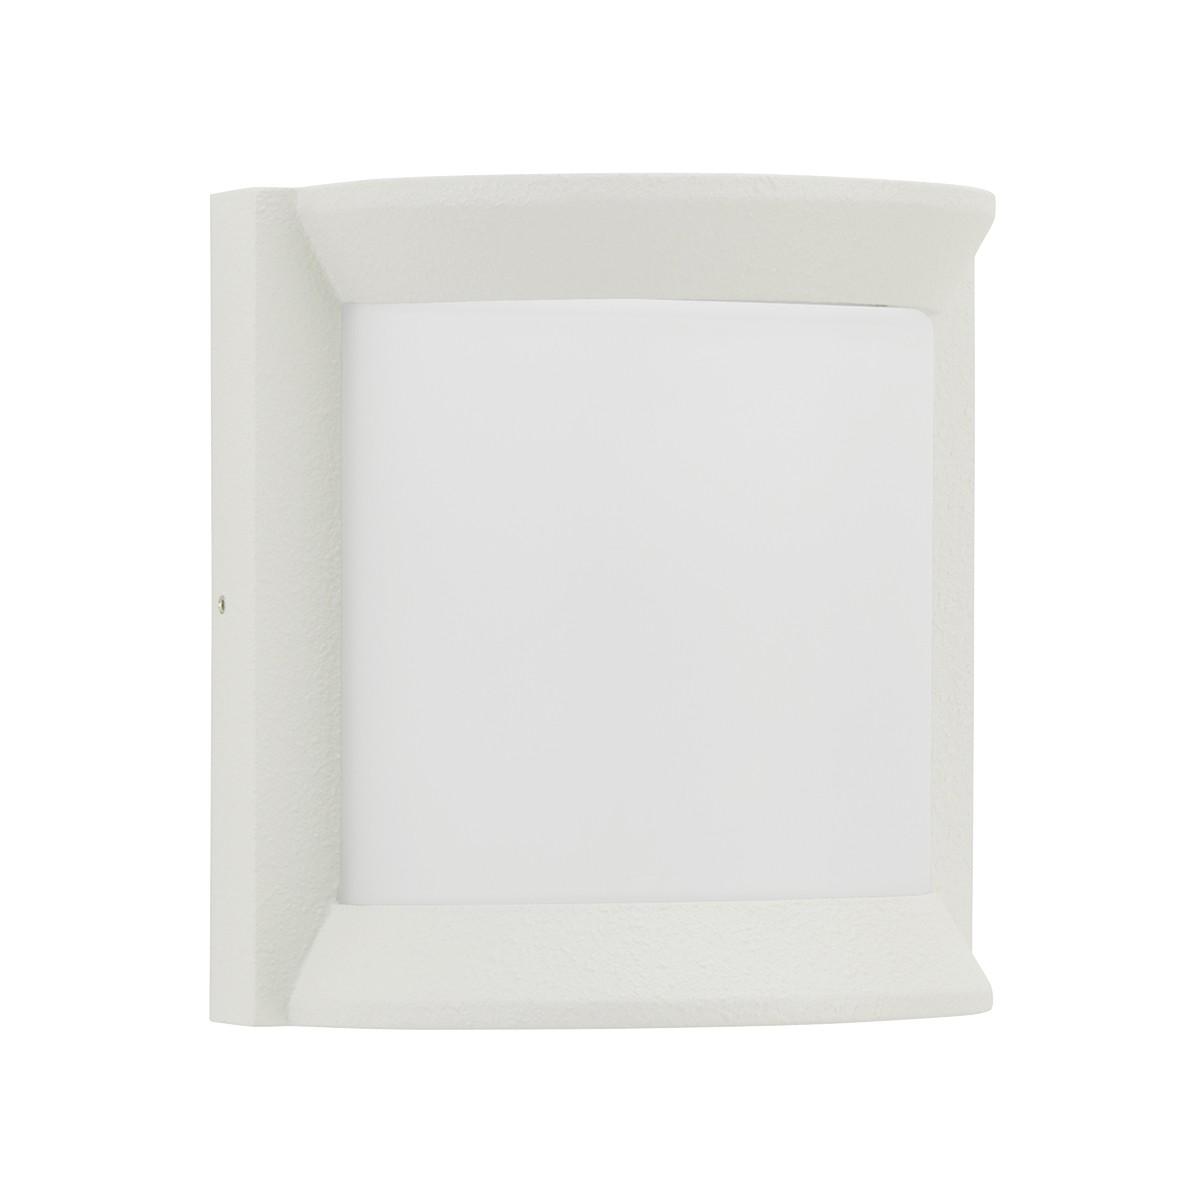 Albert 6388 Wand- / Deckenleuchte LED, weiß